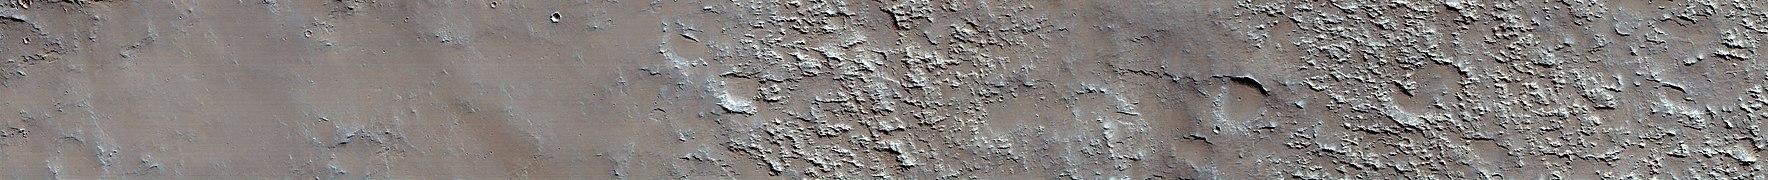 (PSP 010306 1495) Daedalia Planum.jpg